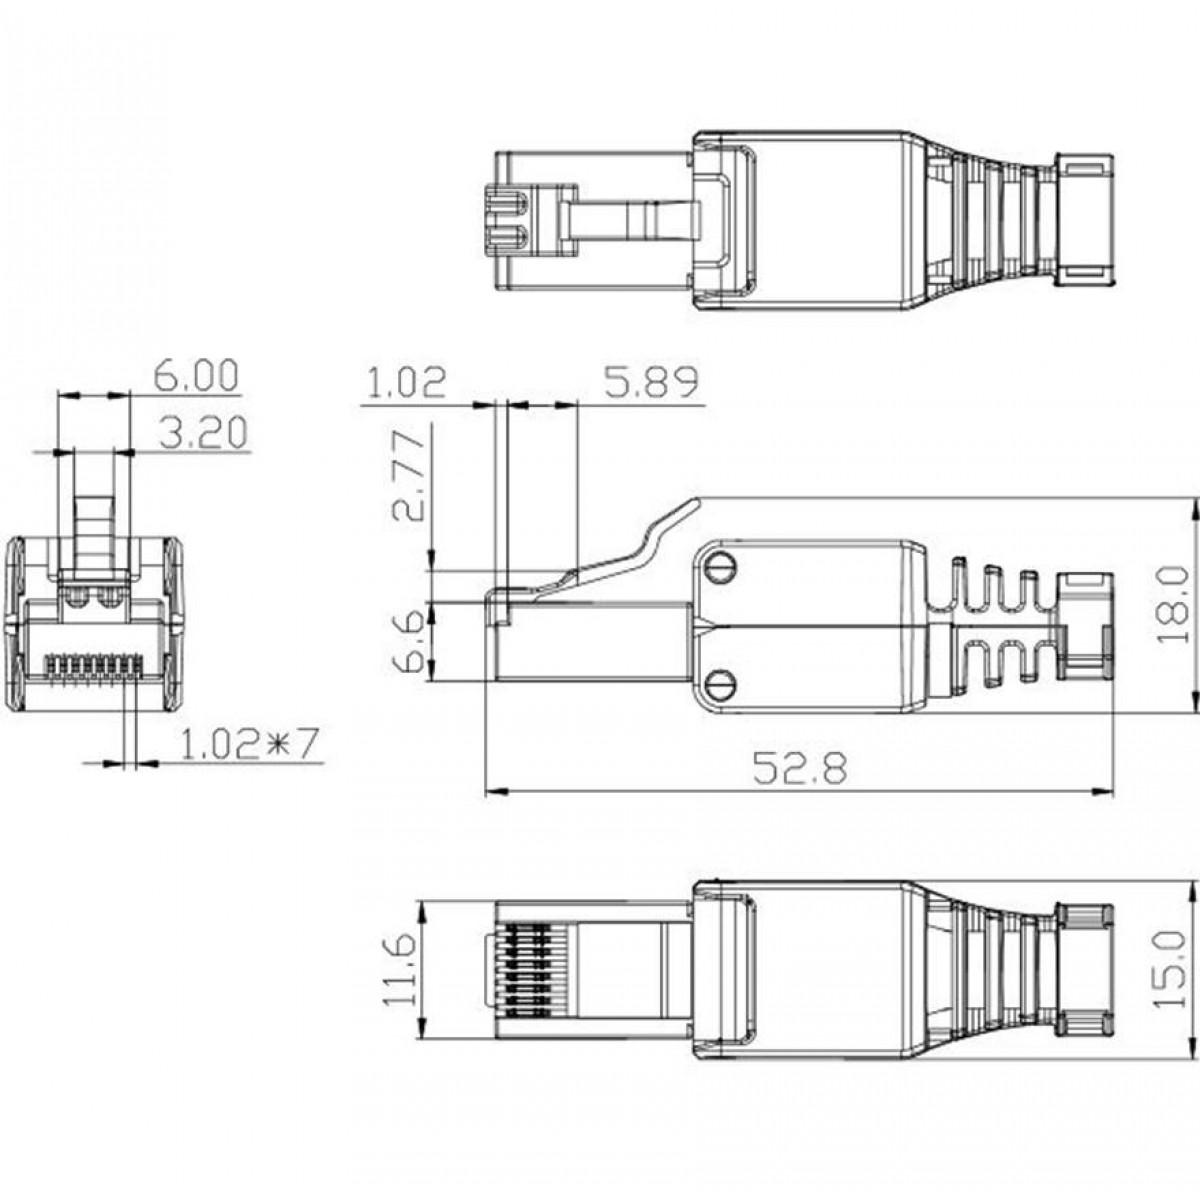 Ethernet Rj45 Wiring Diagram Type